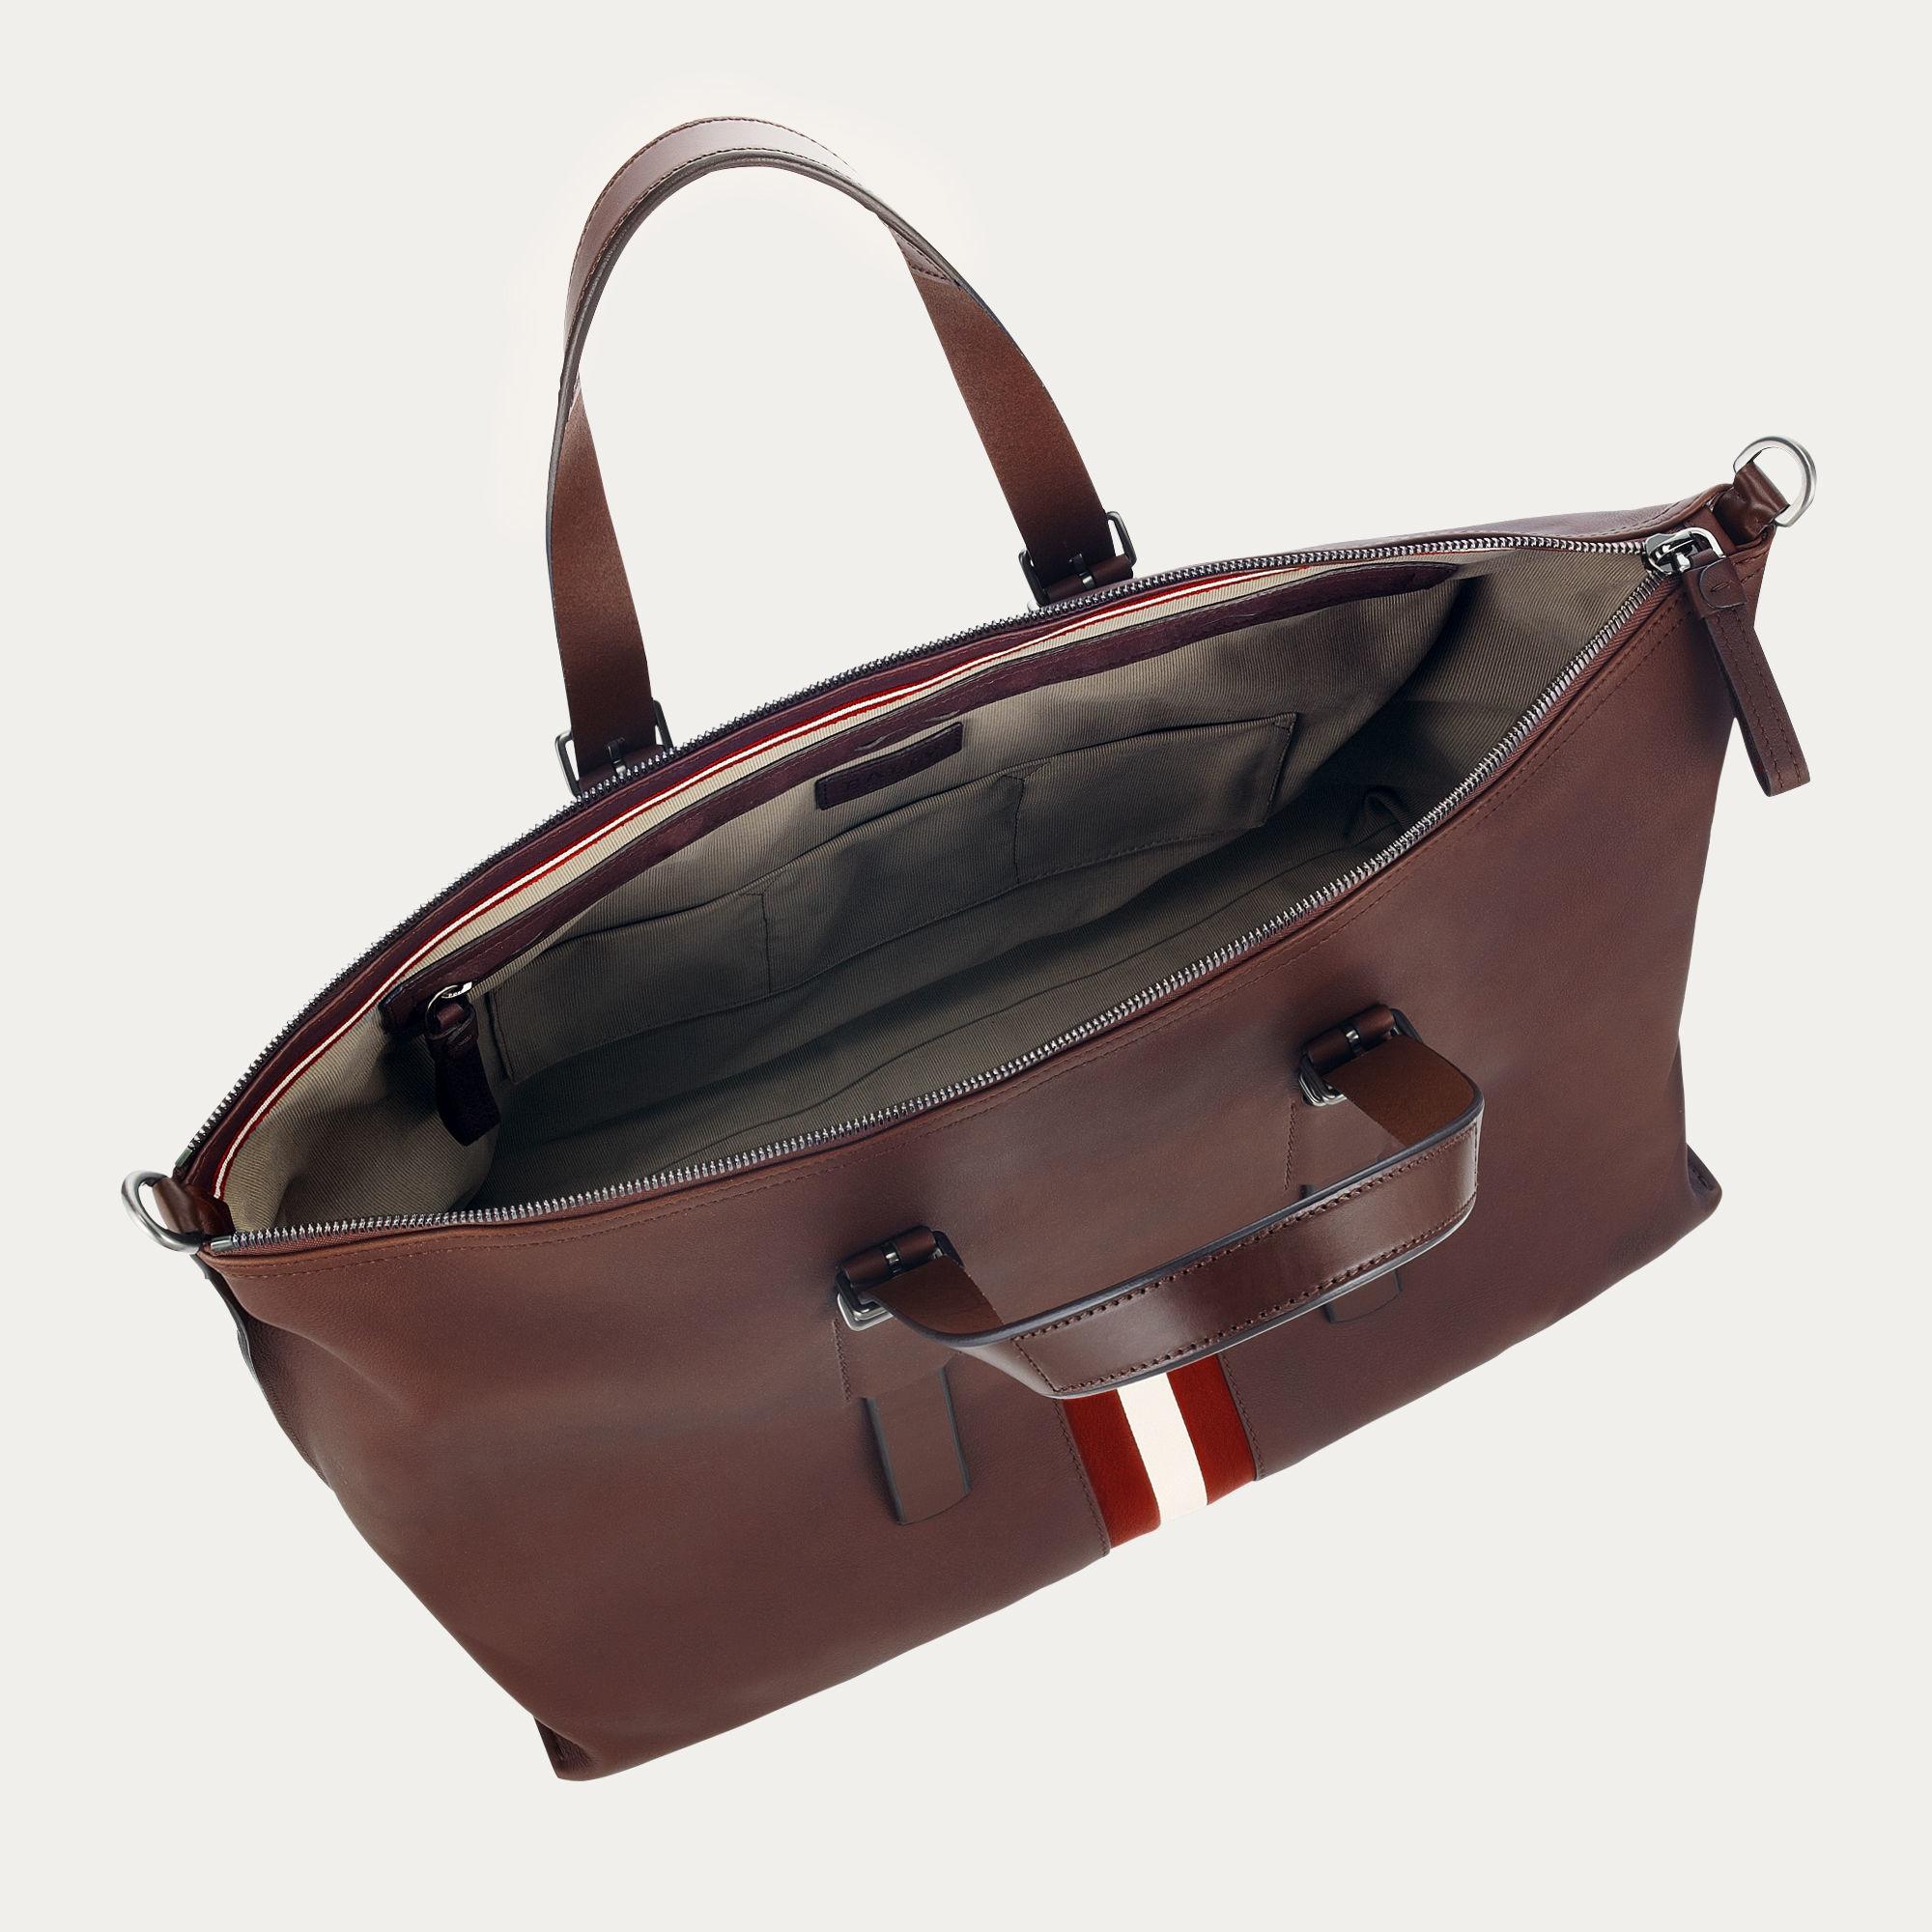 0d1e099330 Lyst - Bally Boskar Men ́s Leather Travel Bag In Chestnut in Brown ...